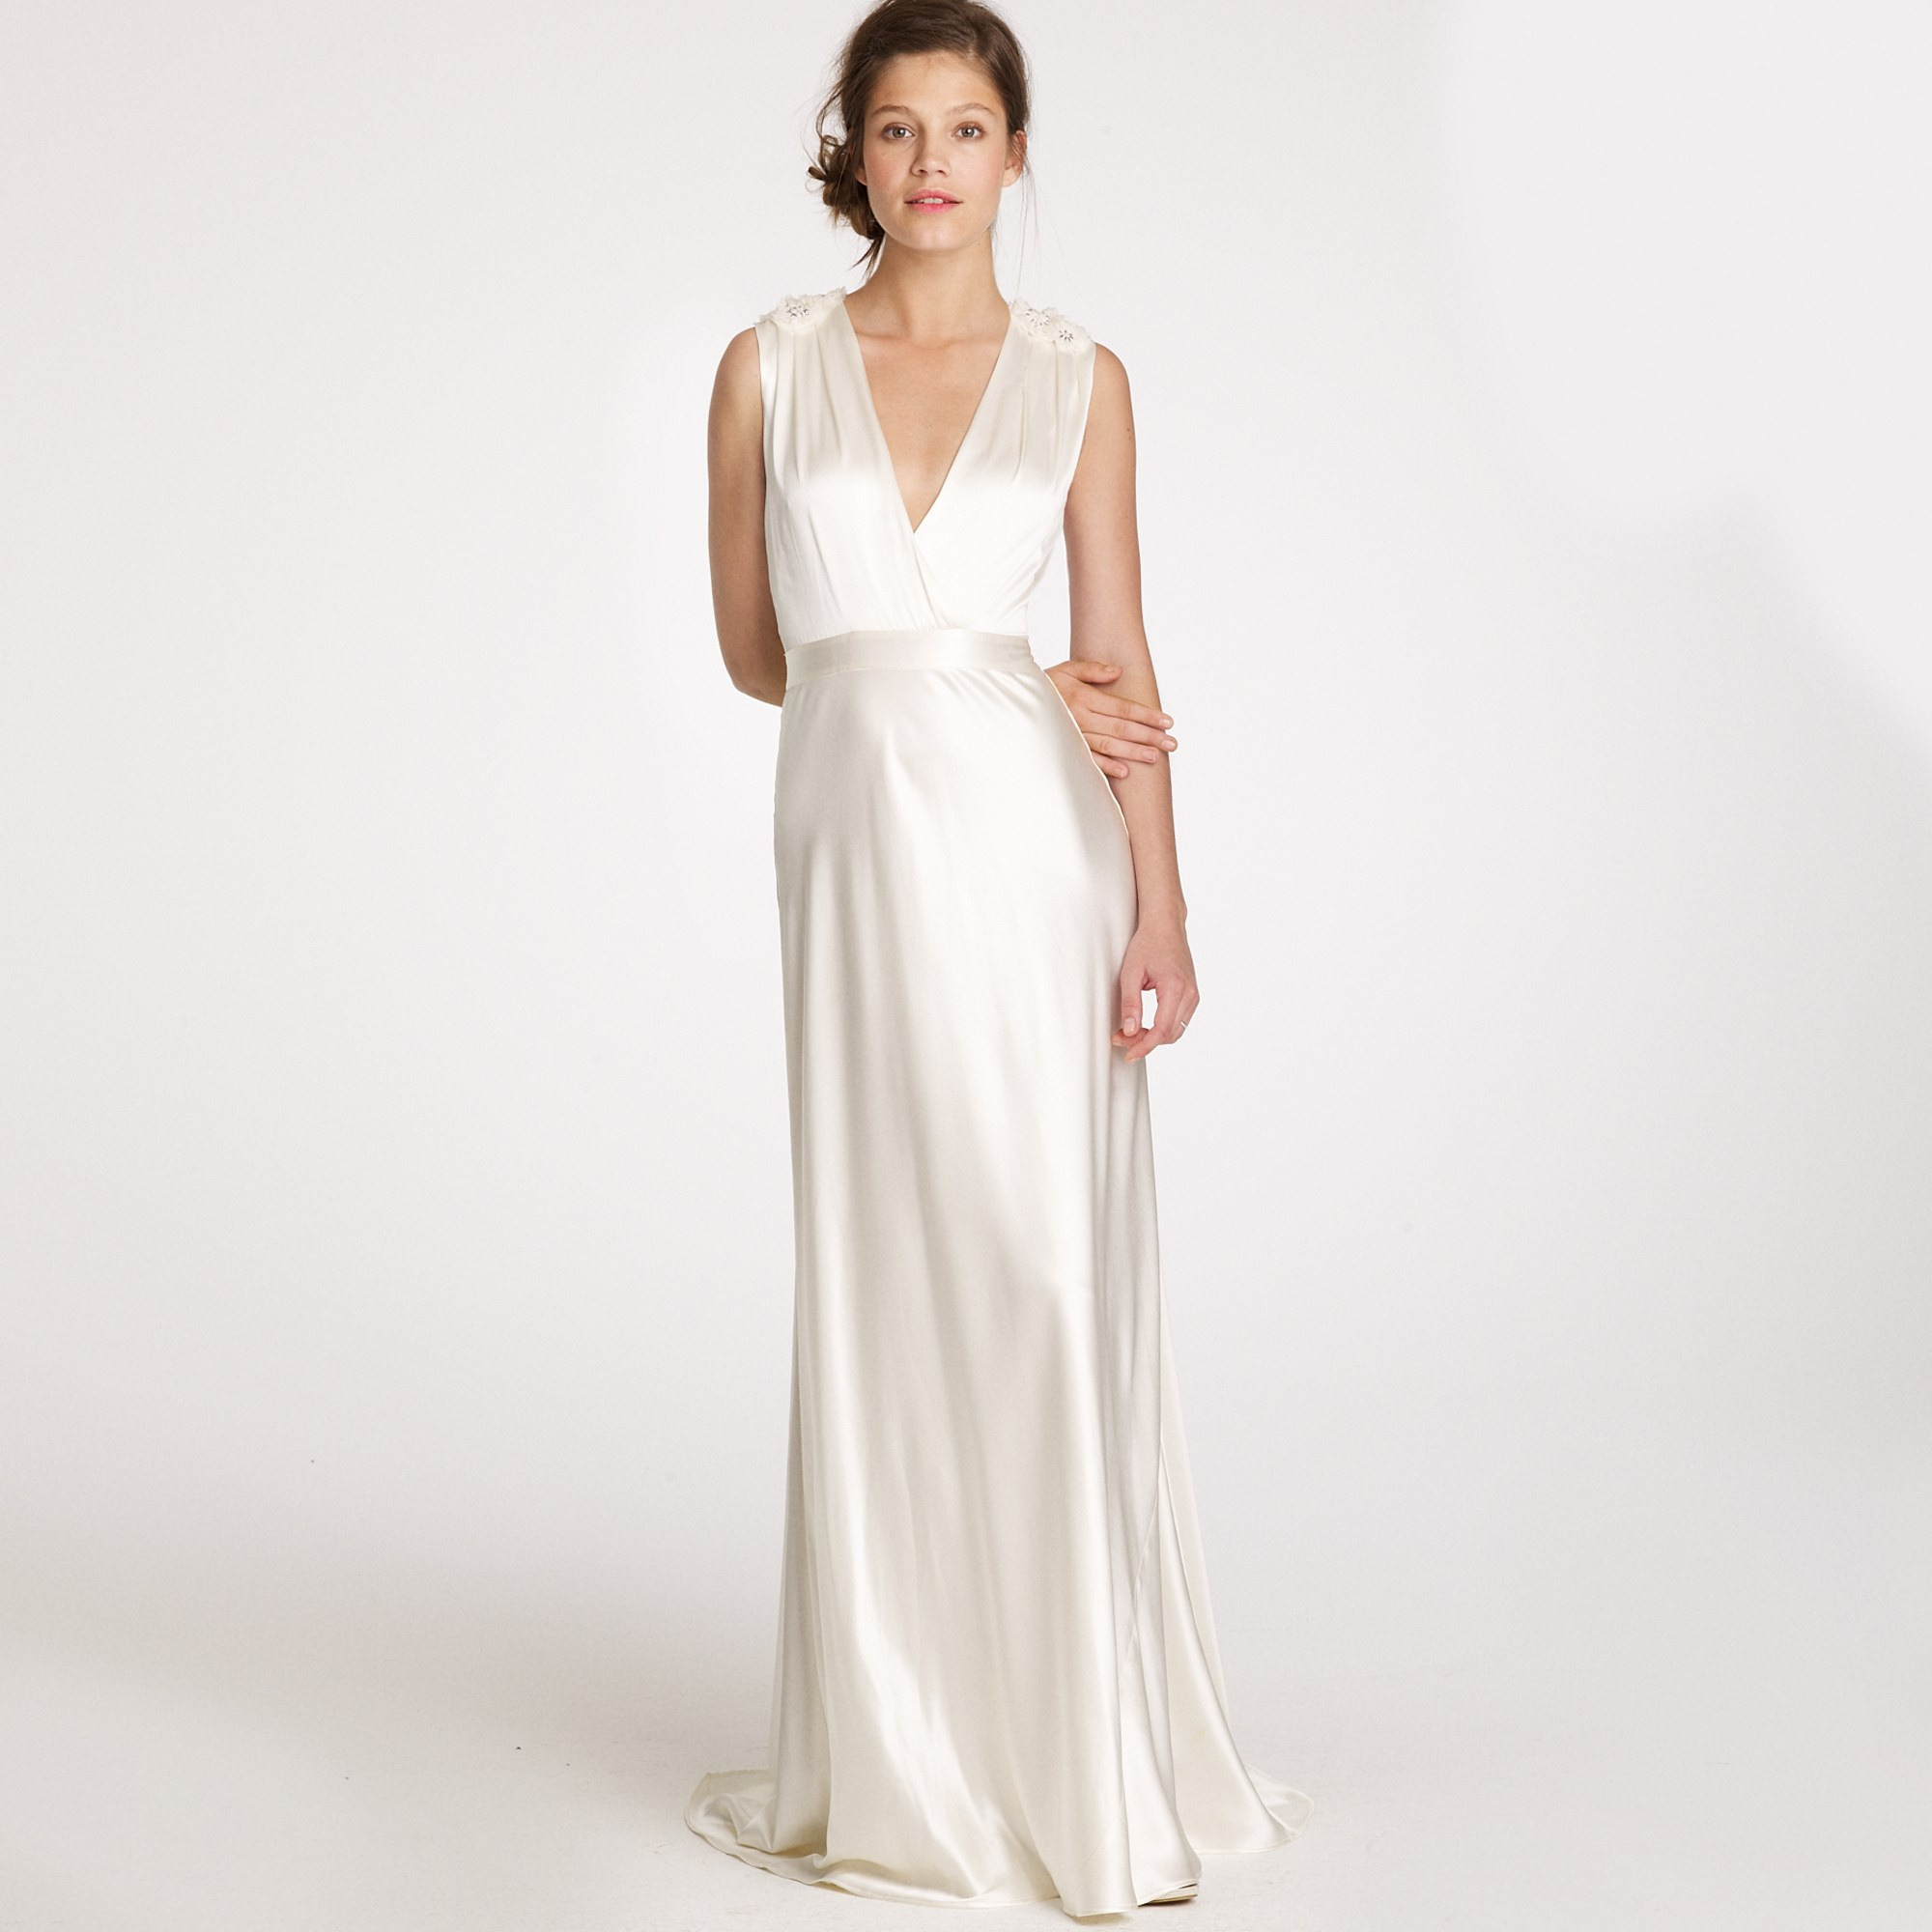 Nett J Crew Brautkleider Zeitgenössisch - Hochzeit Kleid Stile Ideen ...